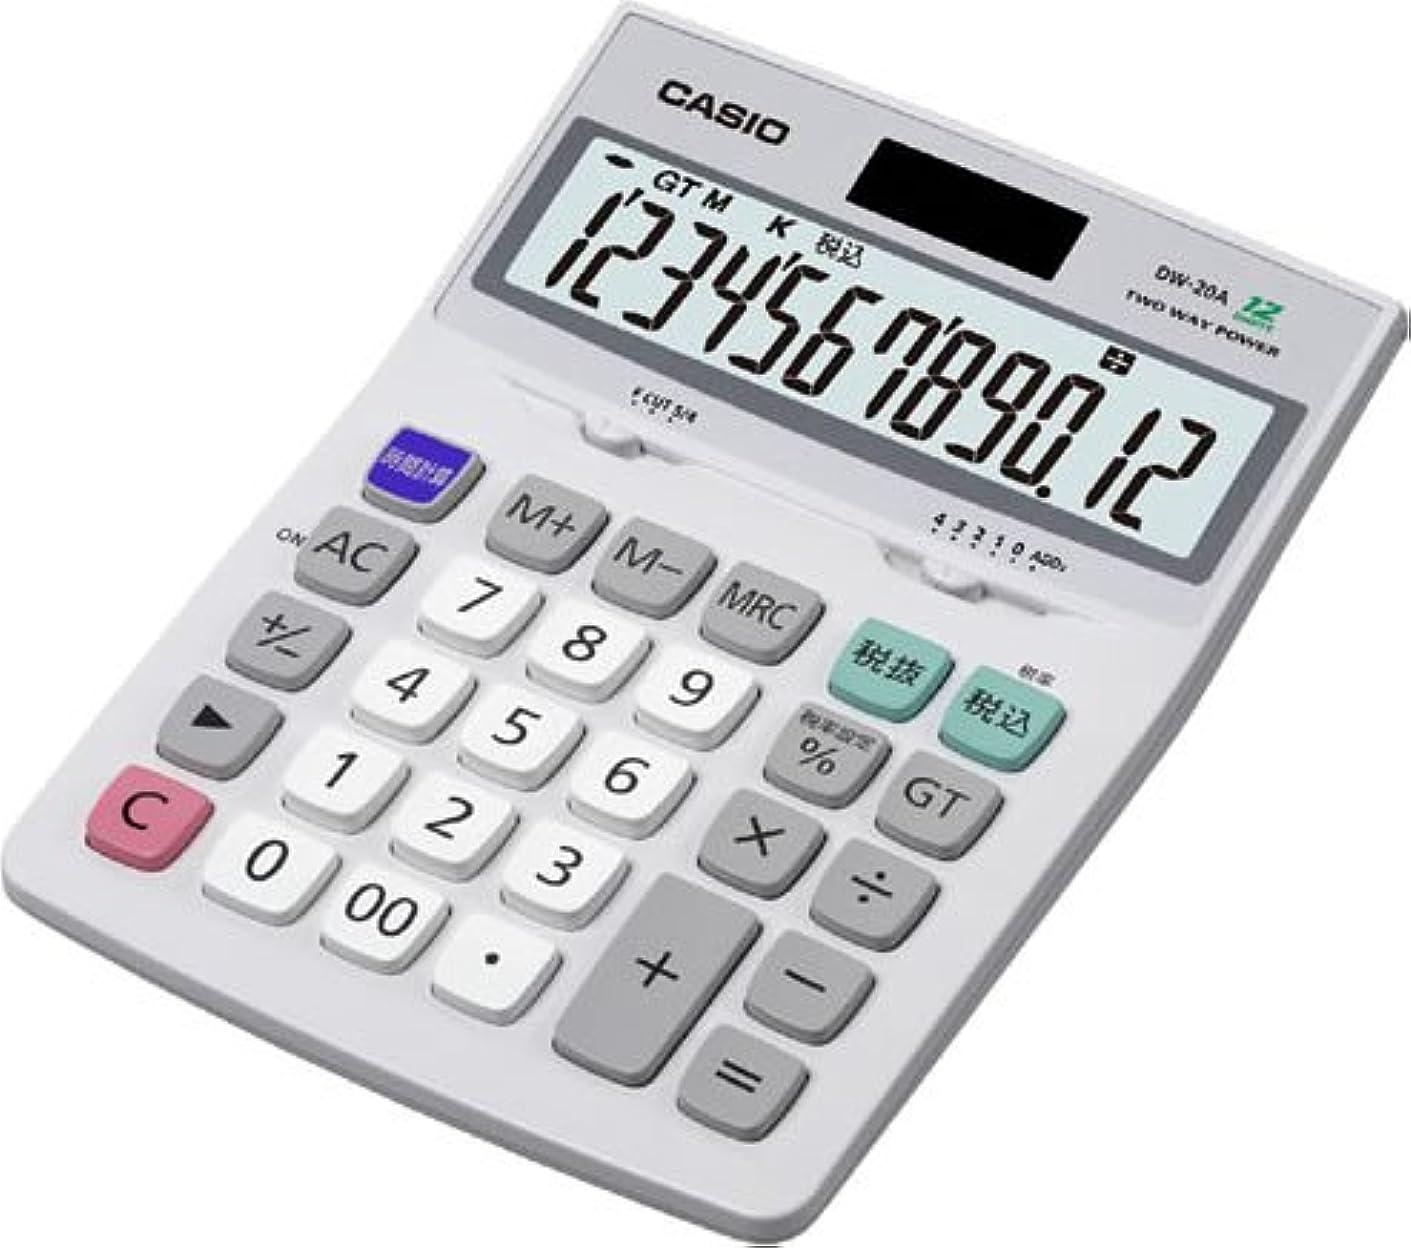 カップル膨らませるなにカシオ スタンダード電卓 時間?税計算 デスクタイプ 12桁 DW-20A-N